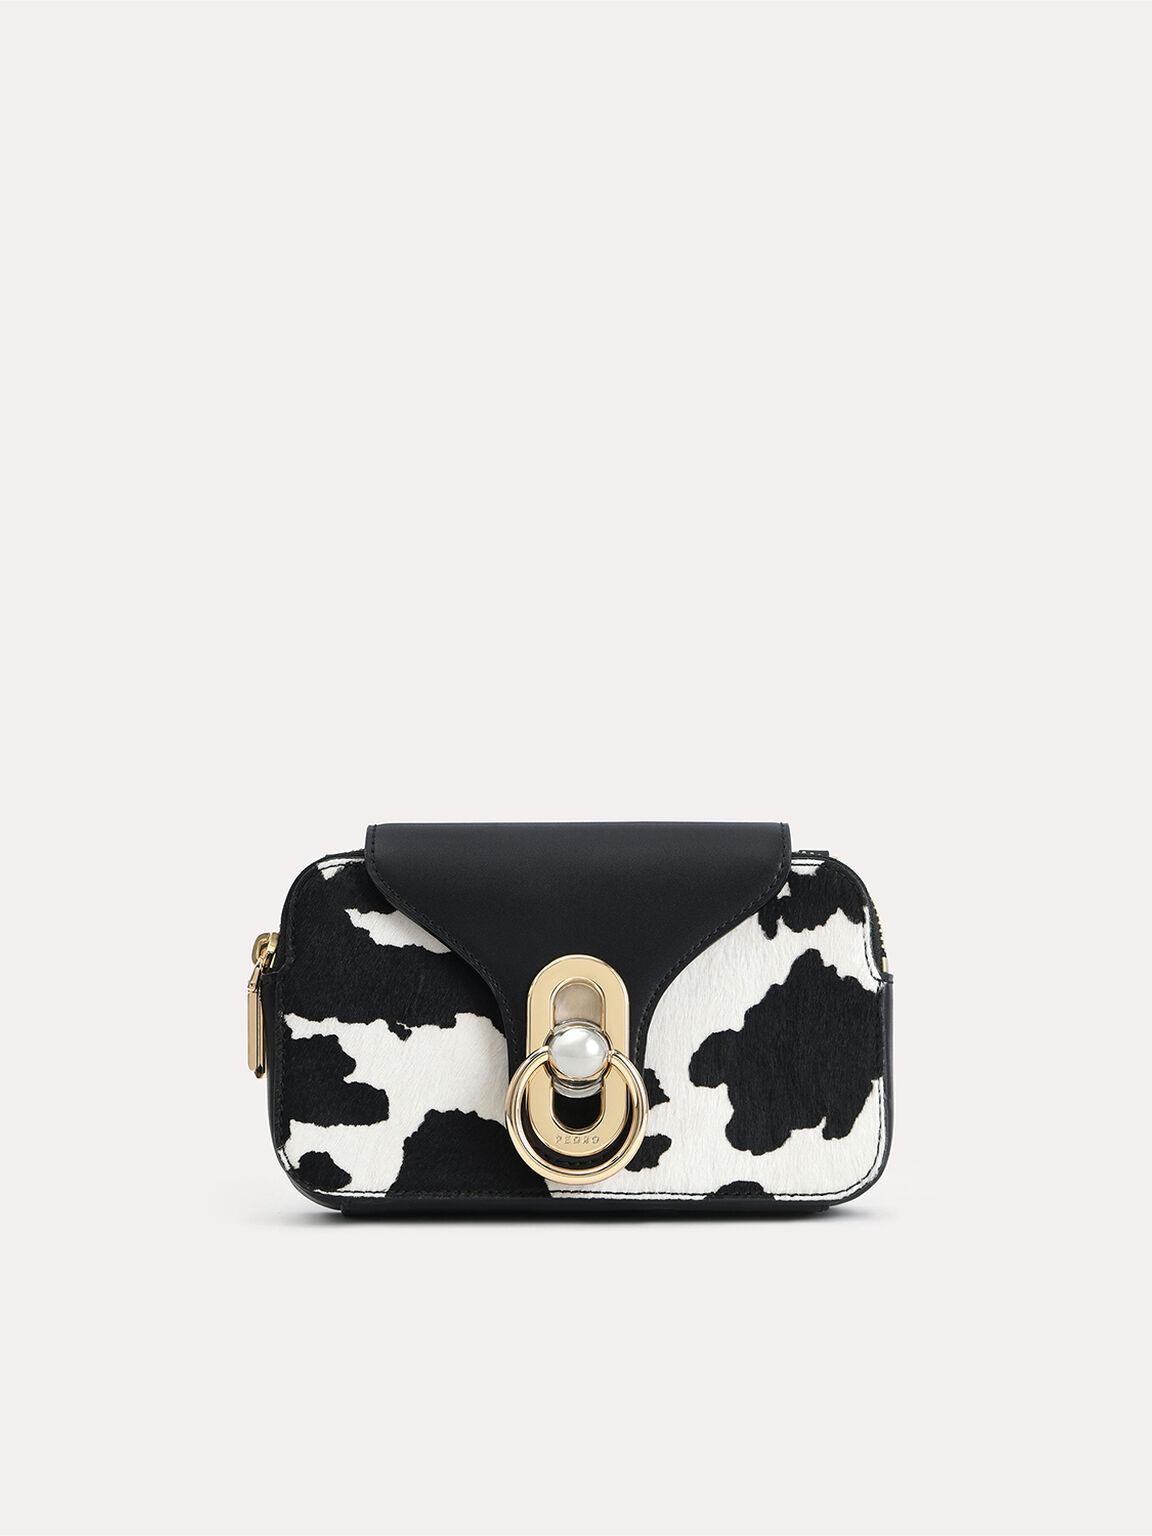 Mini Cow-Printed Leather Shoulder Bag, Multi, hi-res